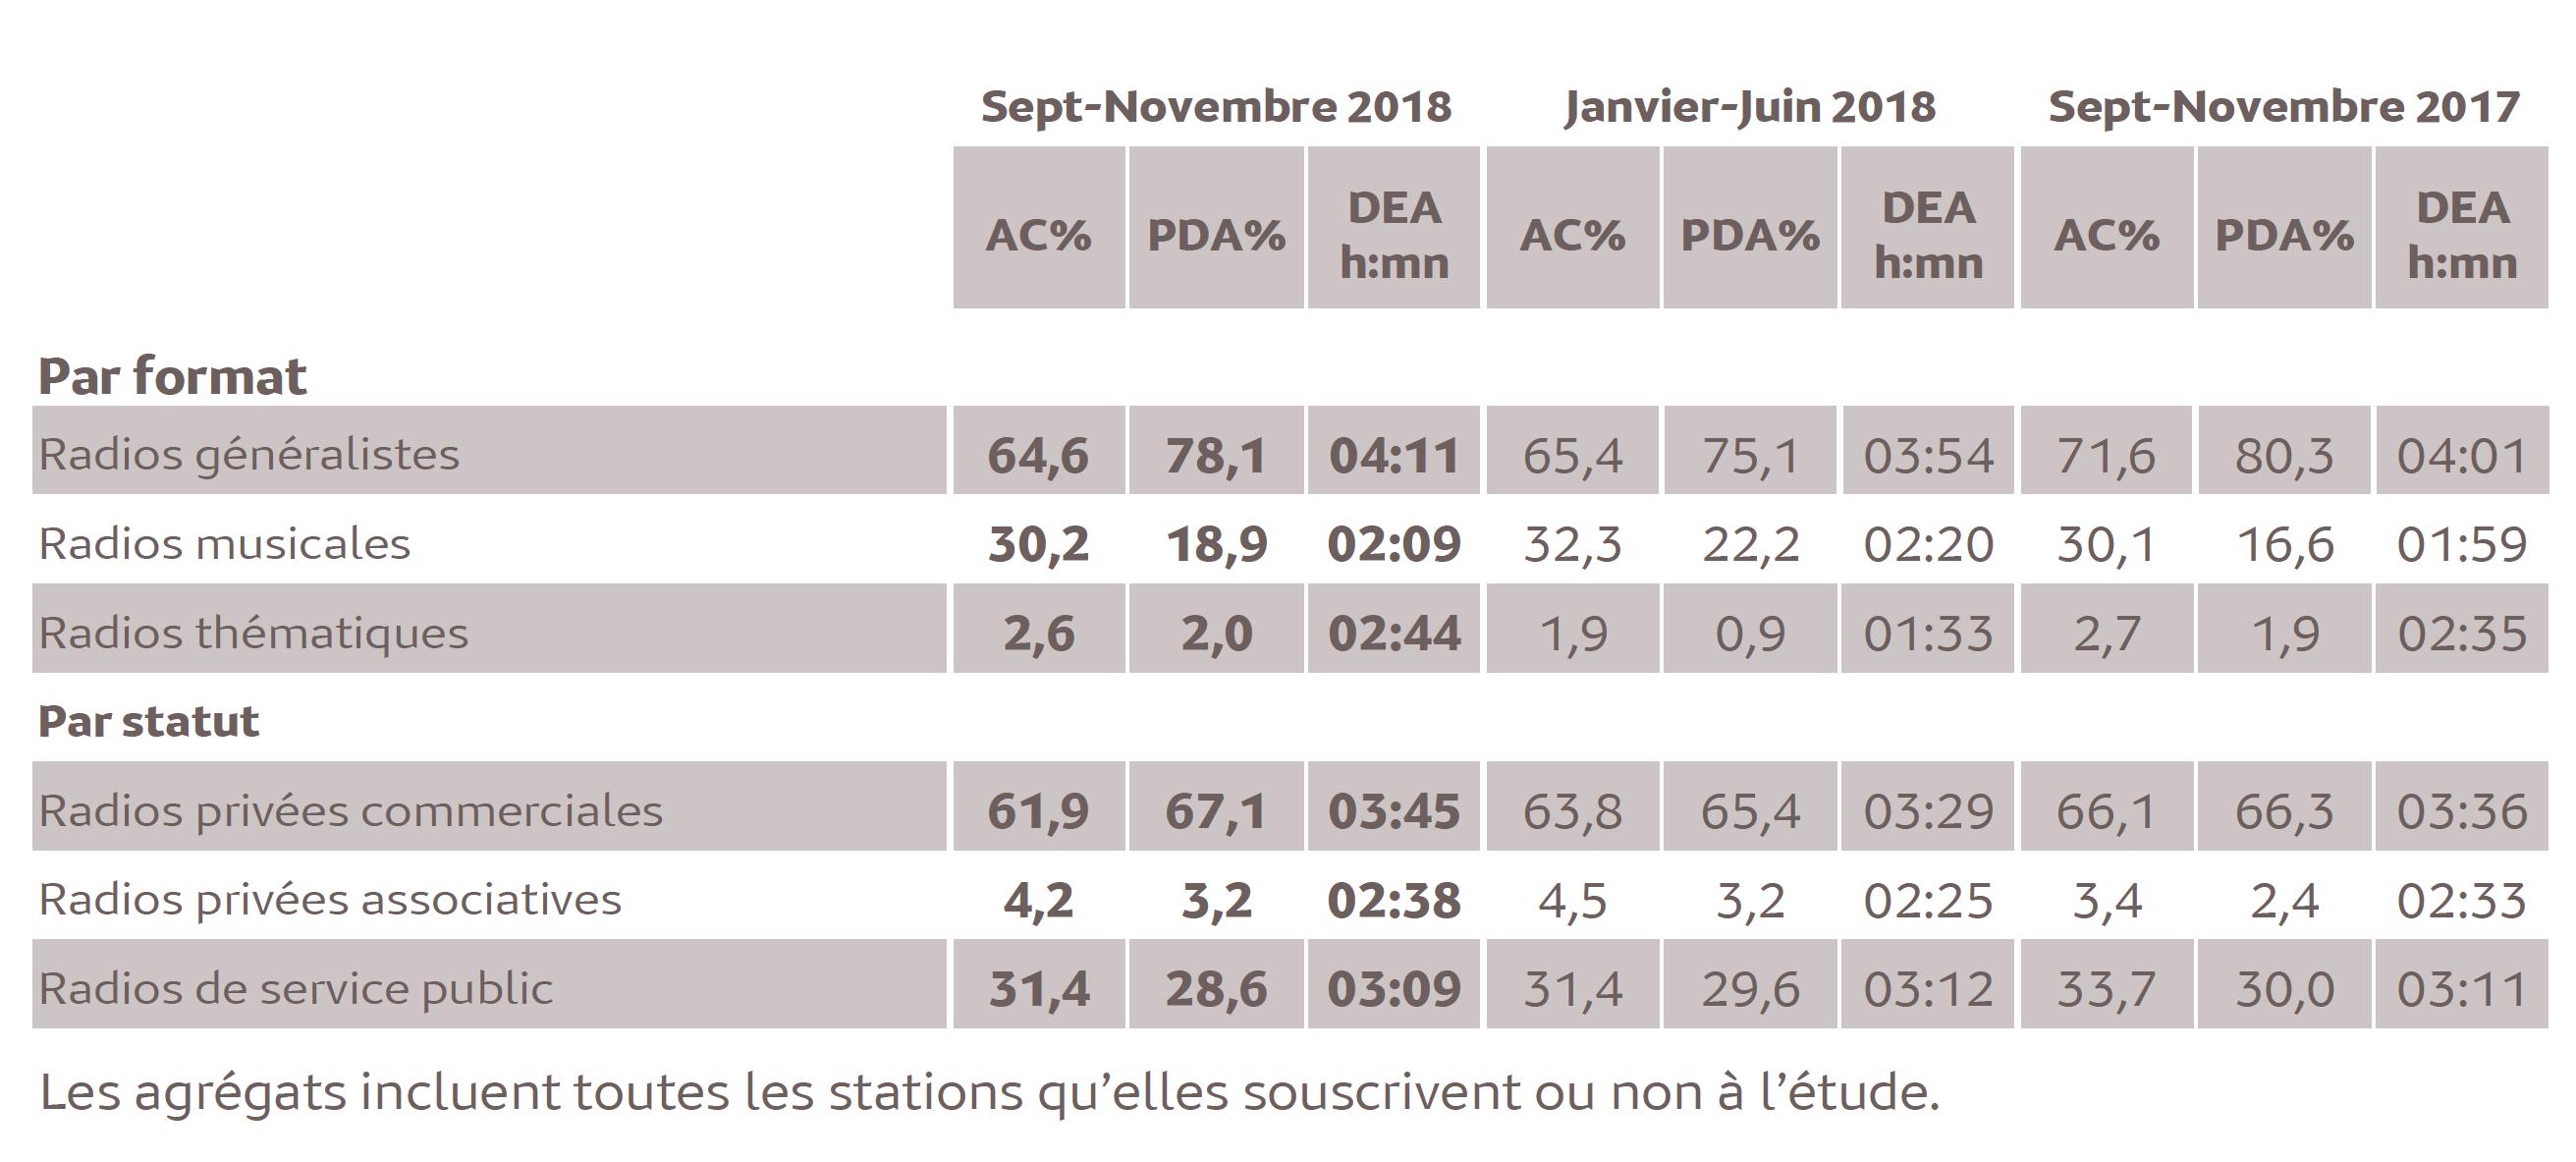 Source : Médiamétrie - Métridom - Septembre-Novembre 2018 - 13 ans et plus - Copyright Médiamétrie - Tous droits réservés